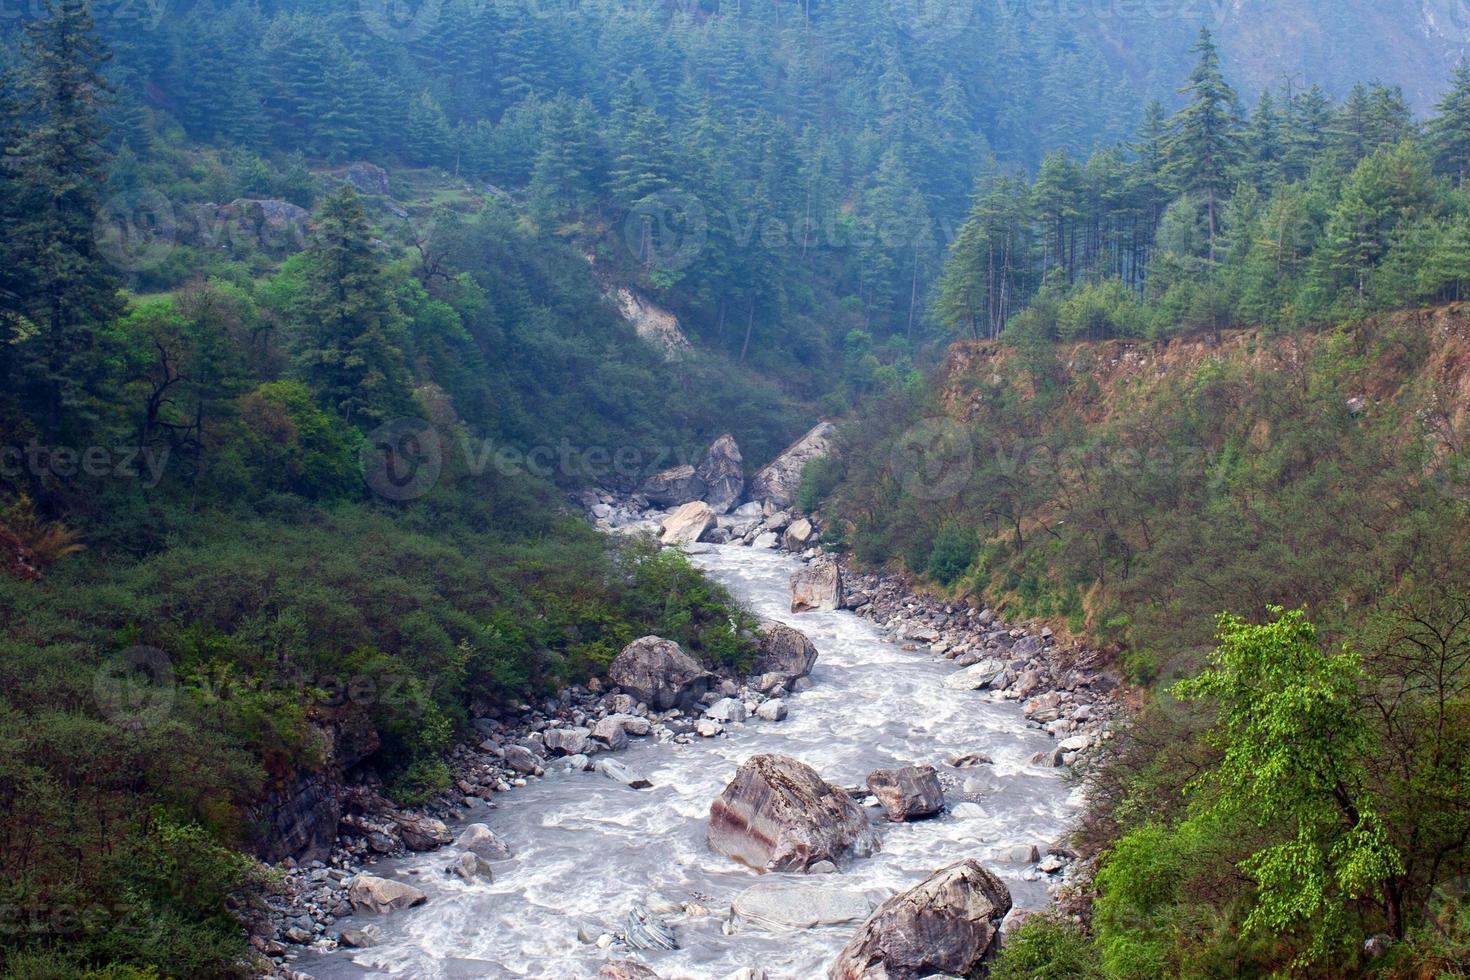 kali gandaki river, nepal foto